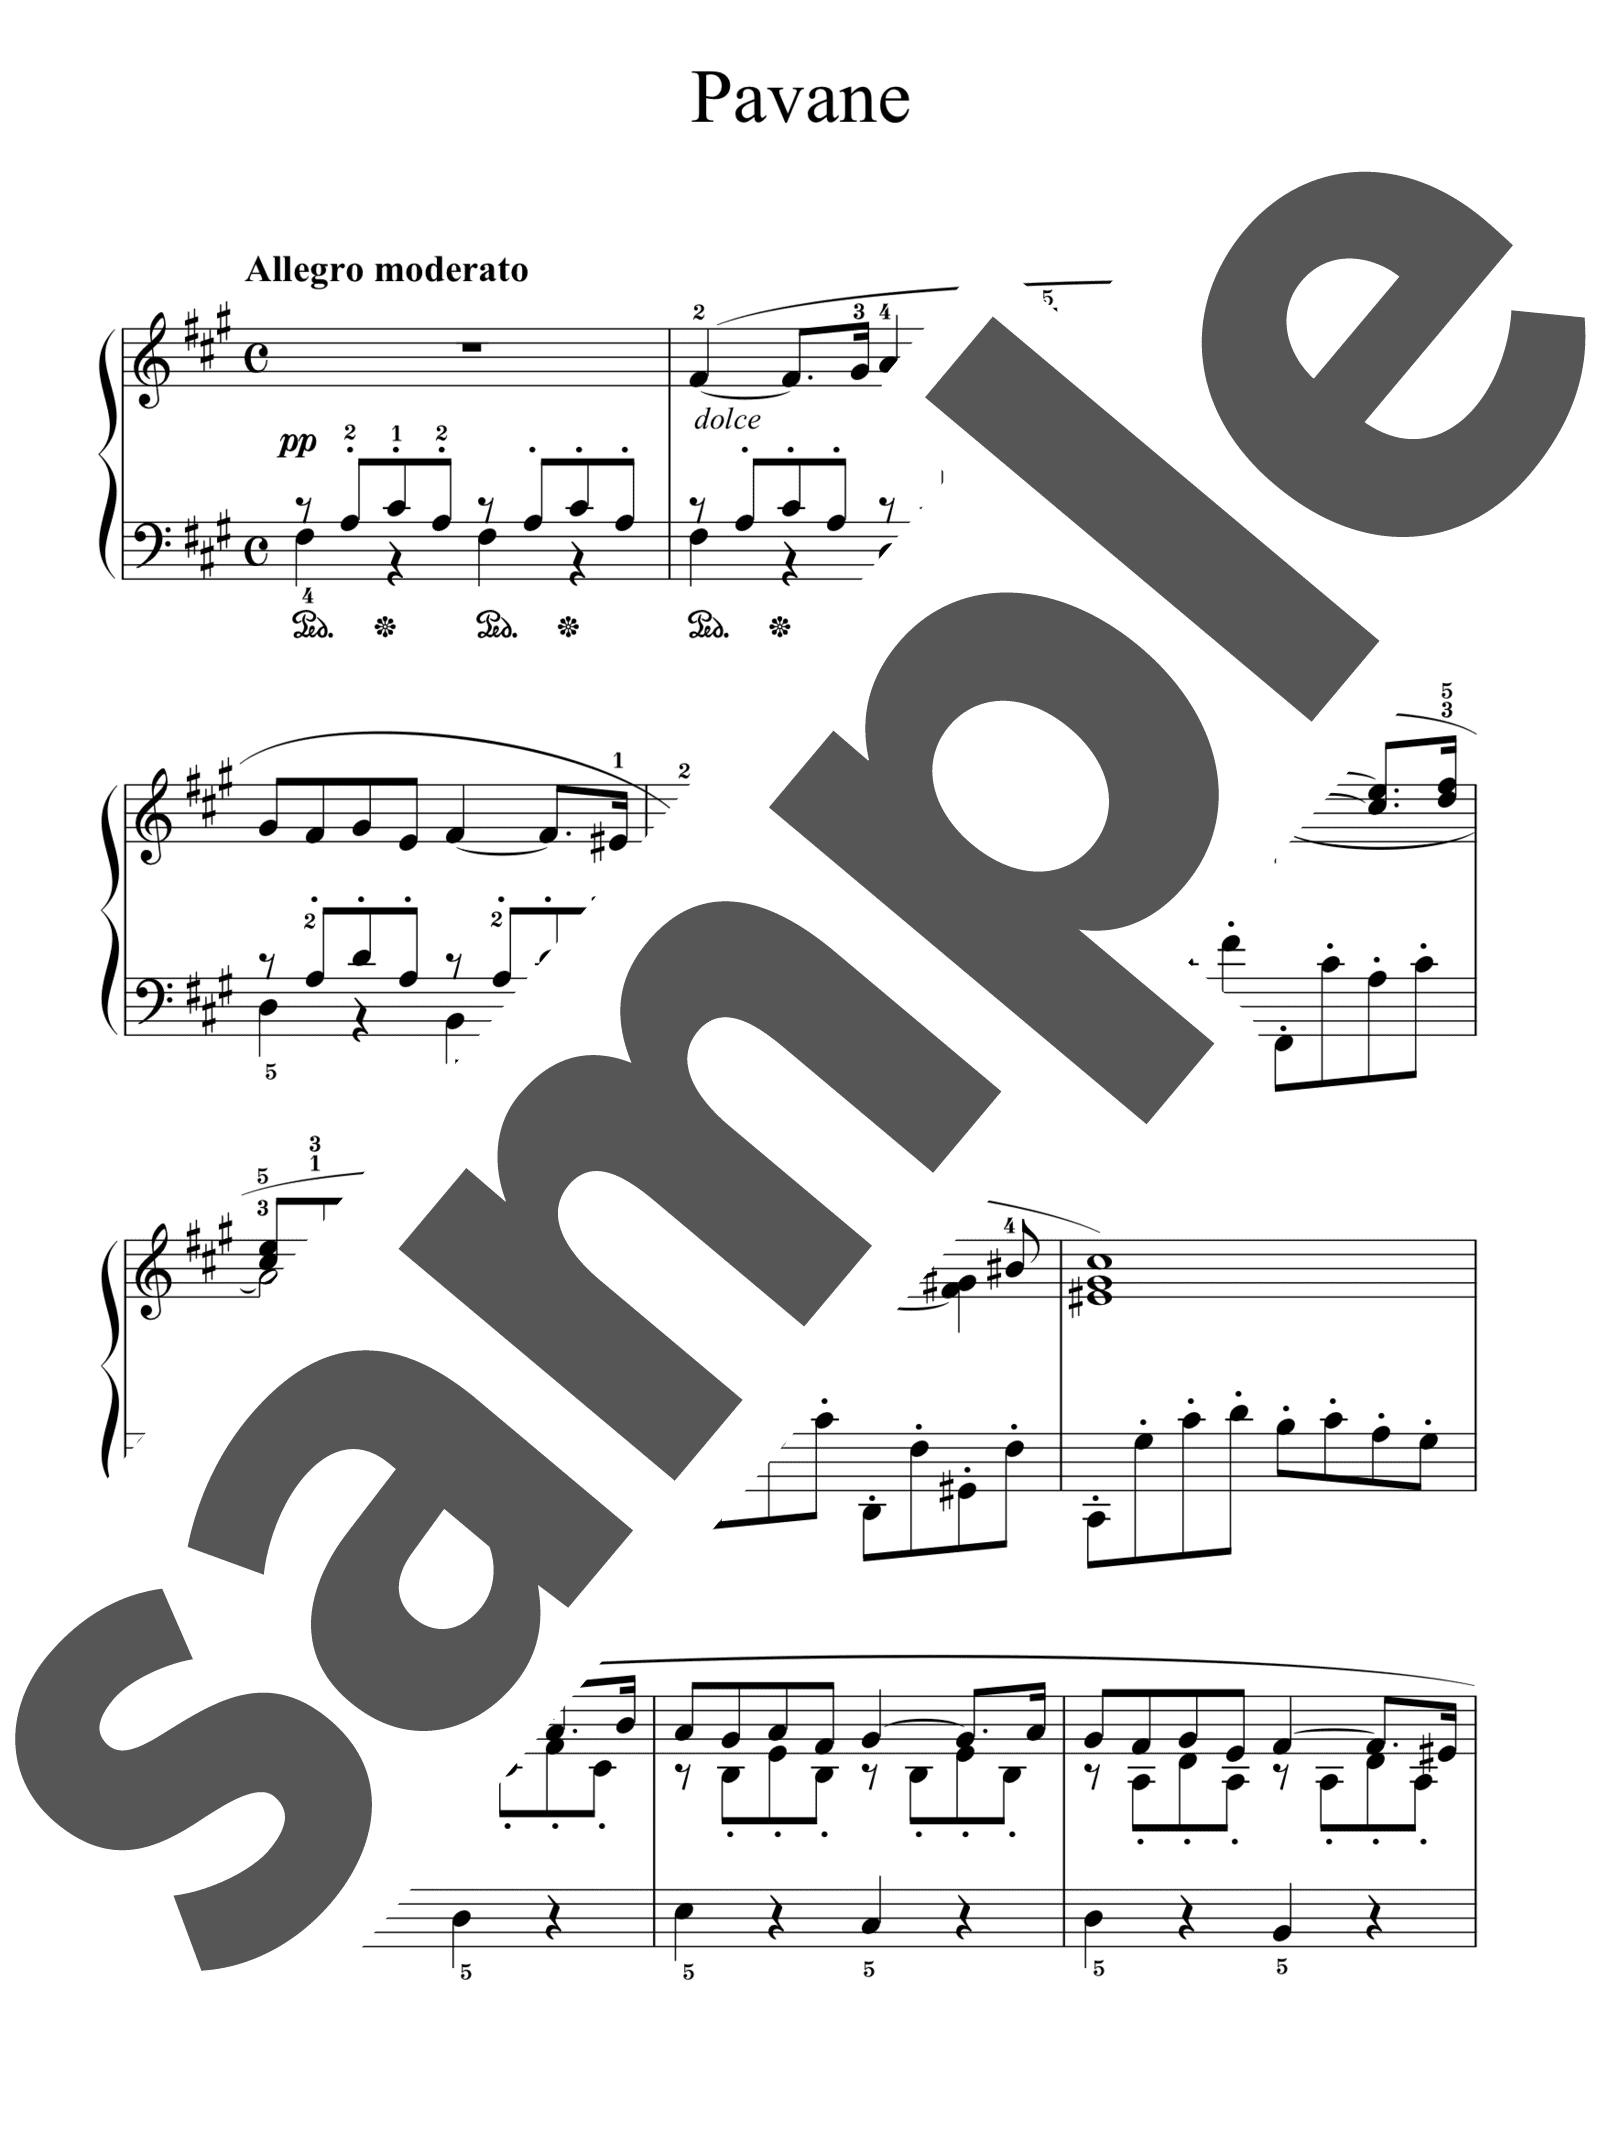 「パヴァーヌ 作品50」のサンプル楽譜